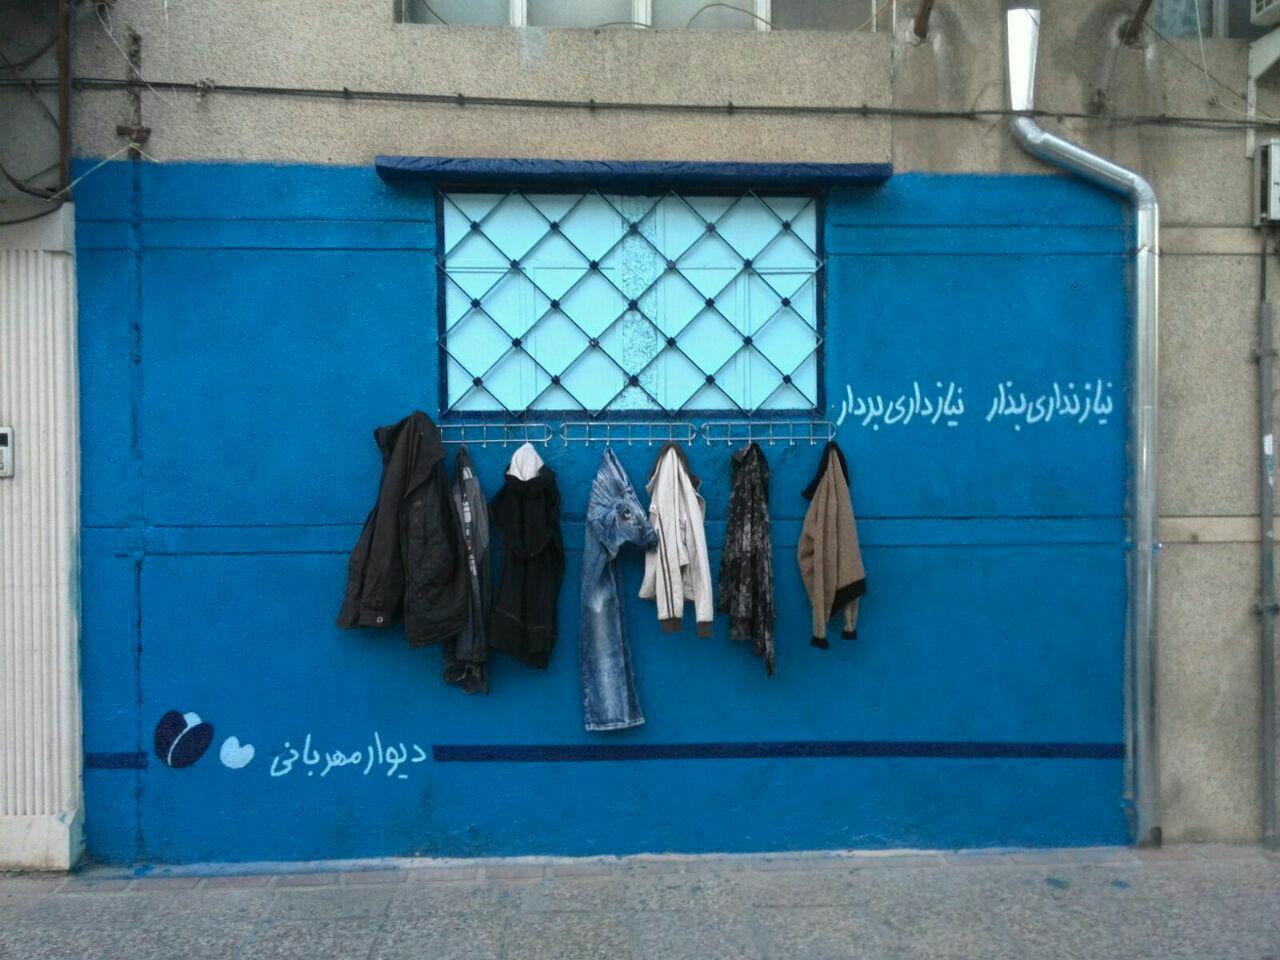 تصاویر دریافتی؛ از غروب شوشتر تا دیوار مهربانی در شیراز و بندرعباسدیوار مهربانی در خیابان قدمگاه شیراز - محسن قادری